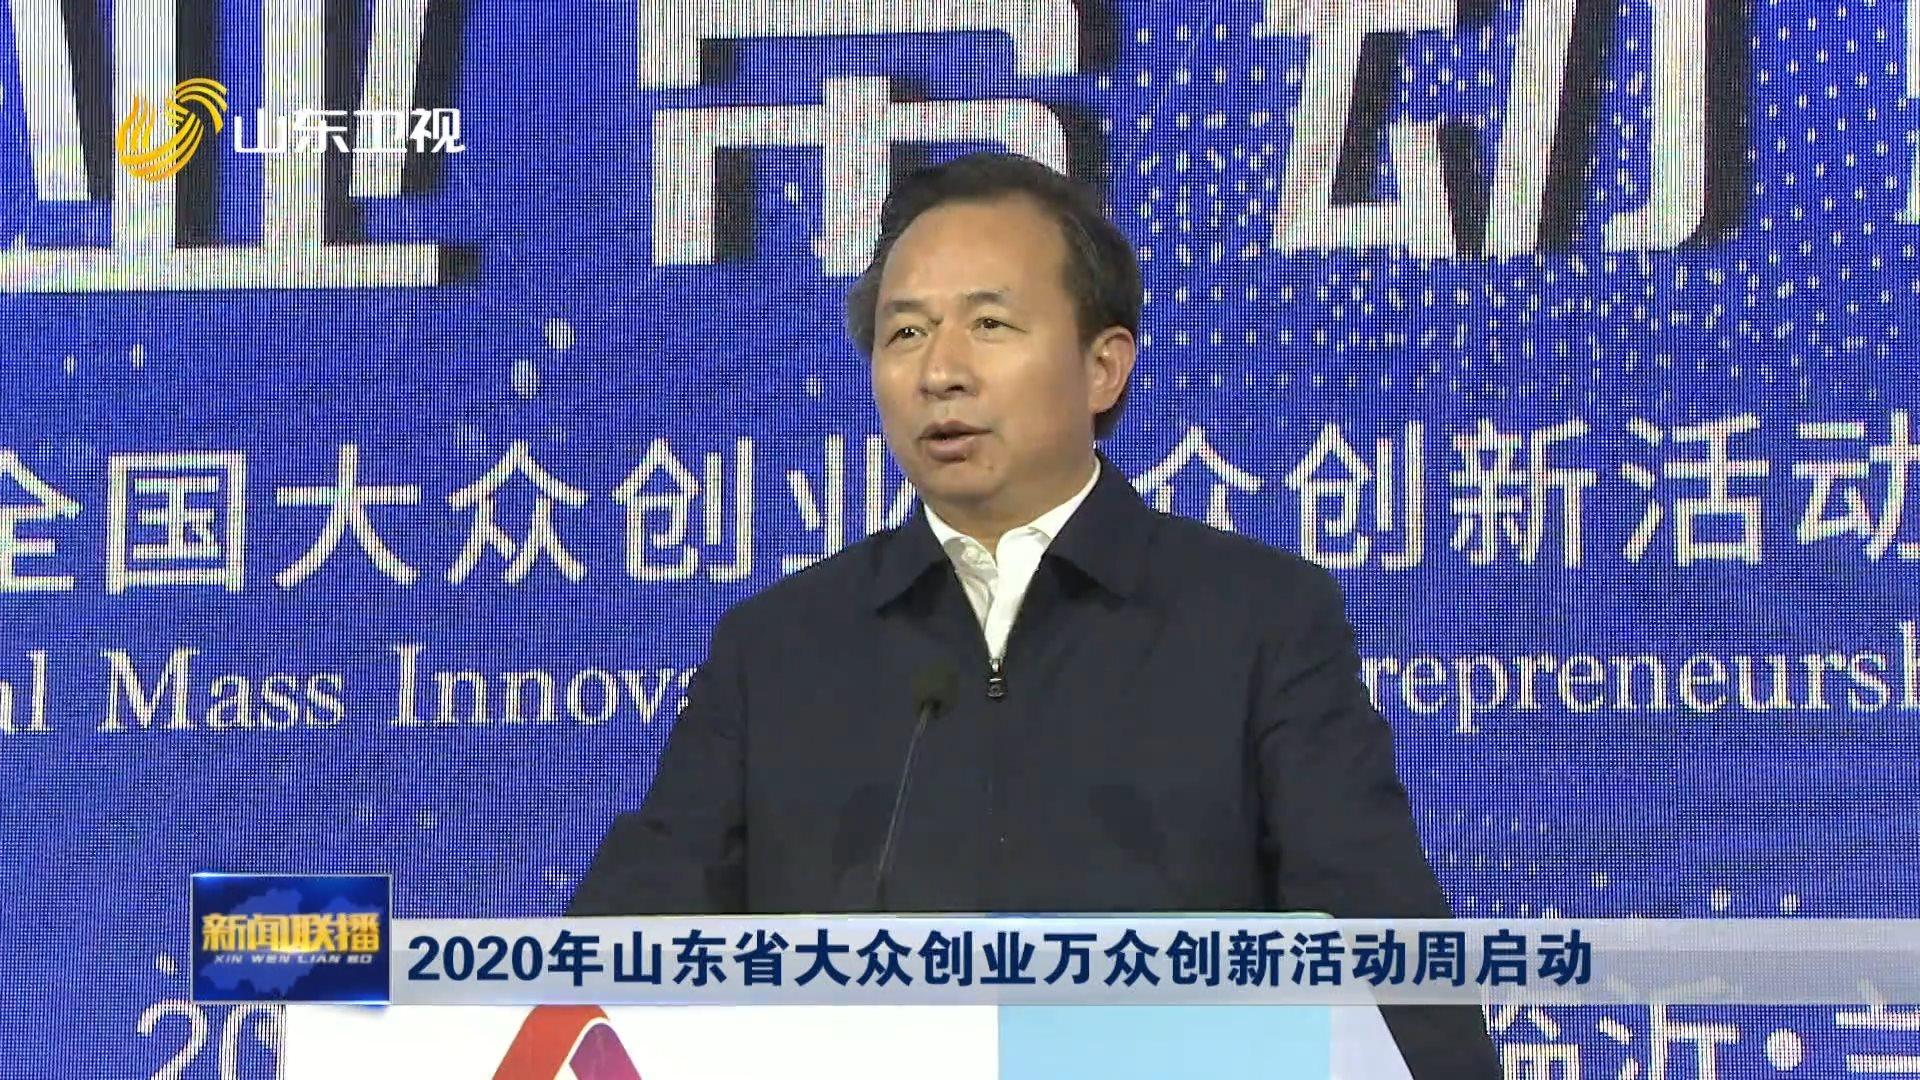 2020年山东省大众创业万众创新活动周启动